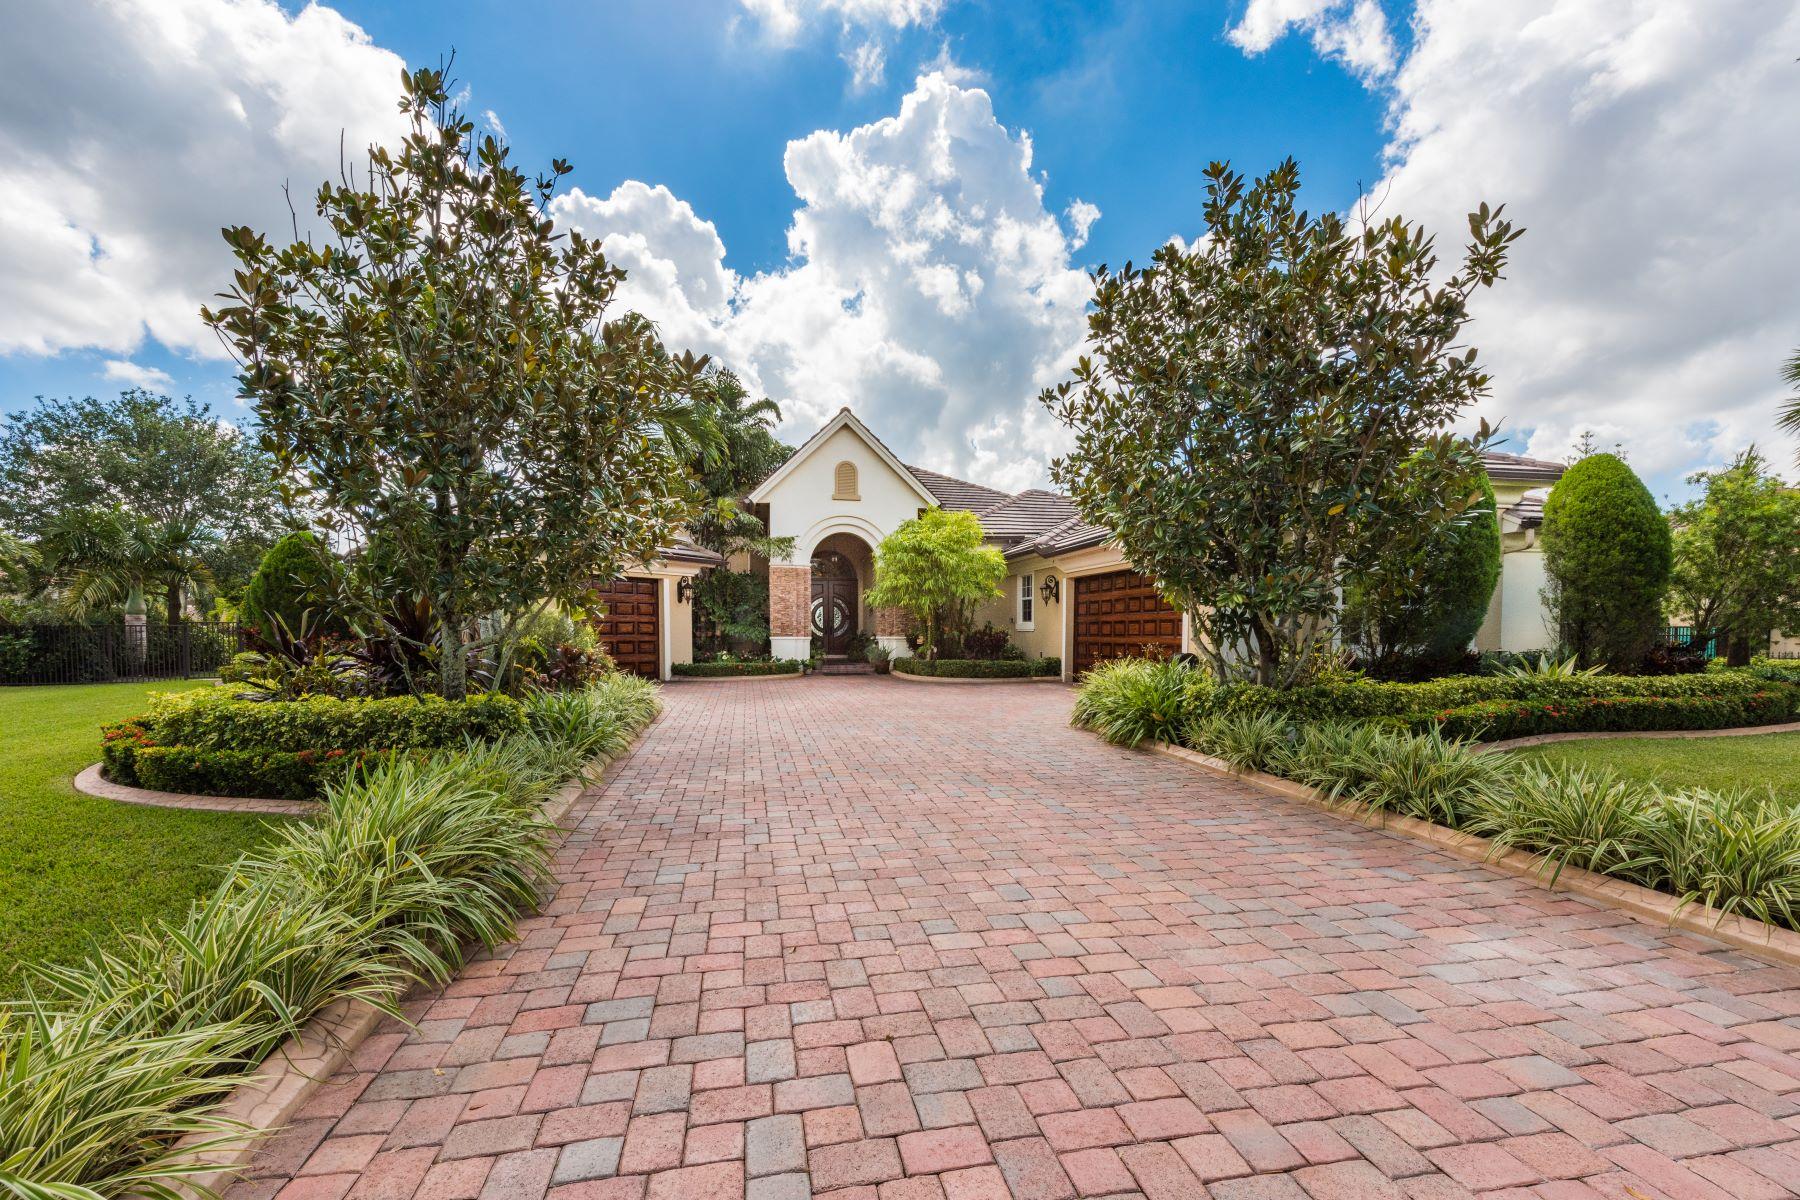 Maison unifamiliale pour l à vendre à 14410 N Jockey Cir Davie, Florida, 33330 États-Unis